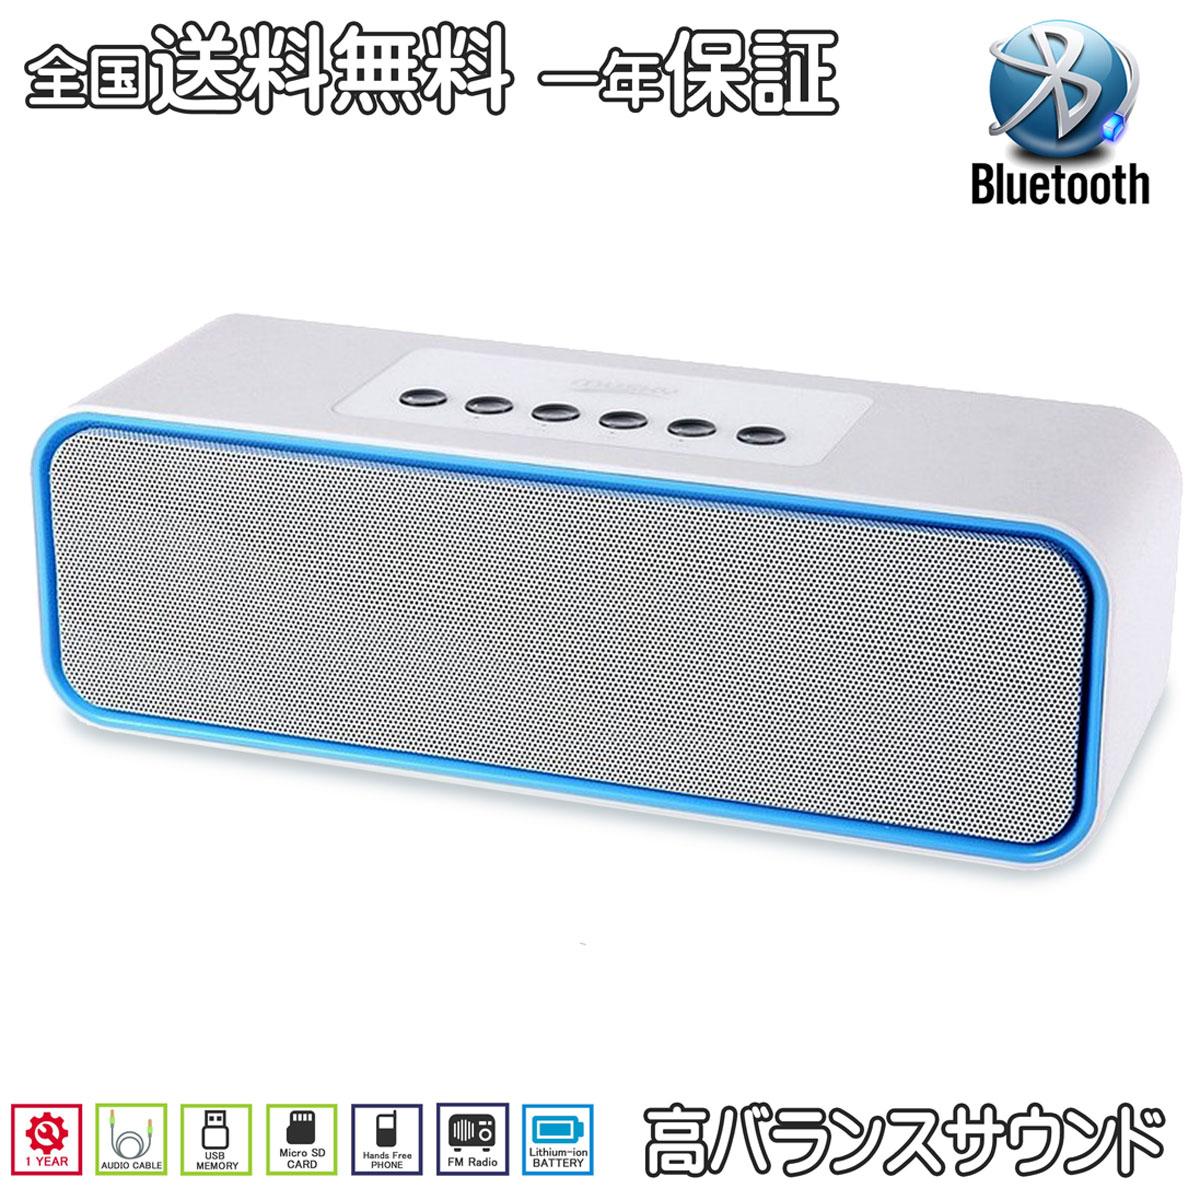 AGM ブルートゥース スピーカー Bluetooth 高音質 高出力 重低音 電話 アウトドア 野外 旅行 屋外 iphone ipad ipod mini pc スマホ コスパ ステレオ ホワイト DY22